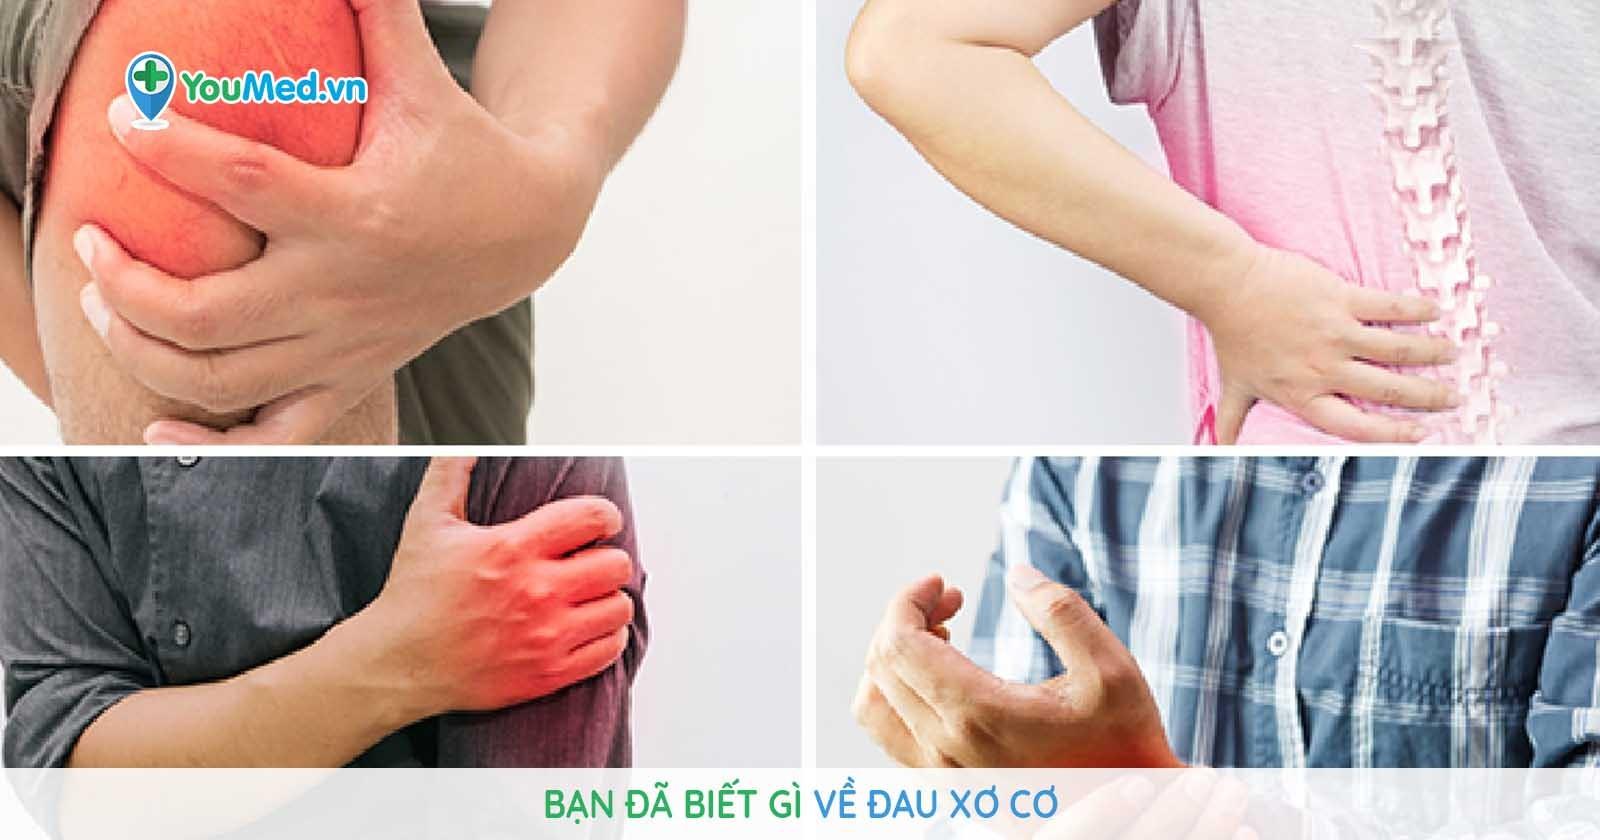 Bạn đã biết gì về đau xơ cơ?